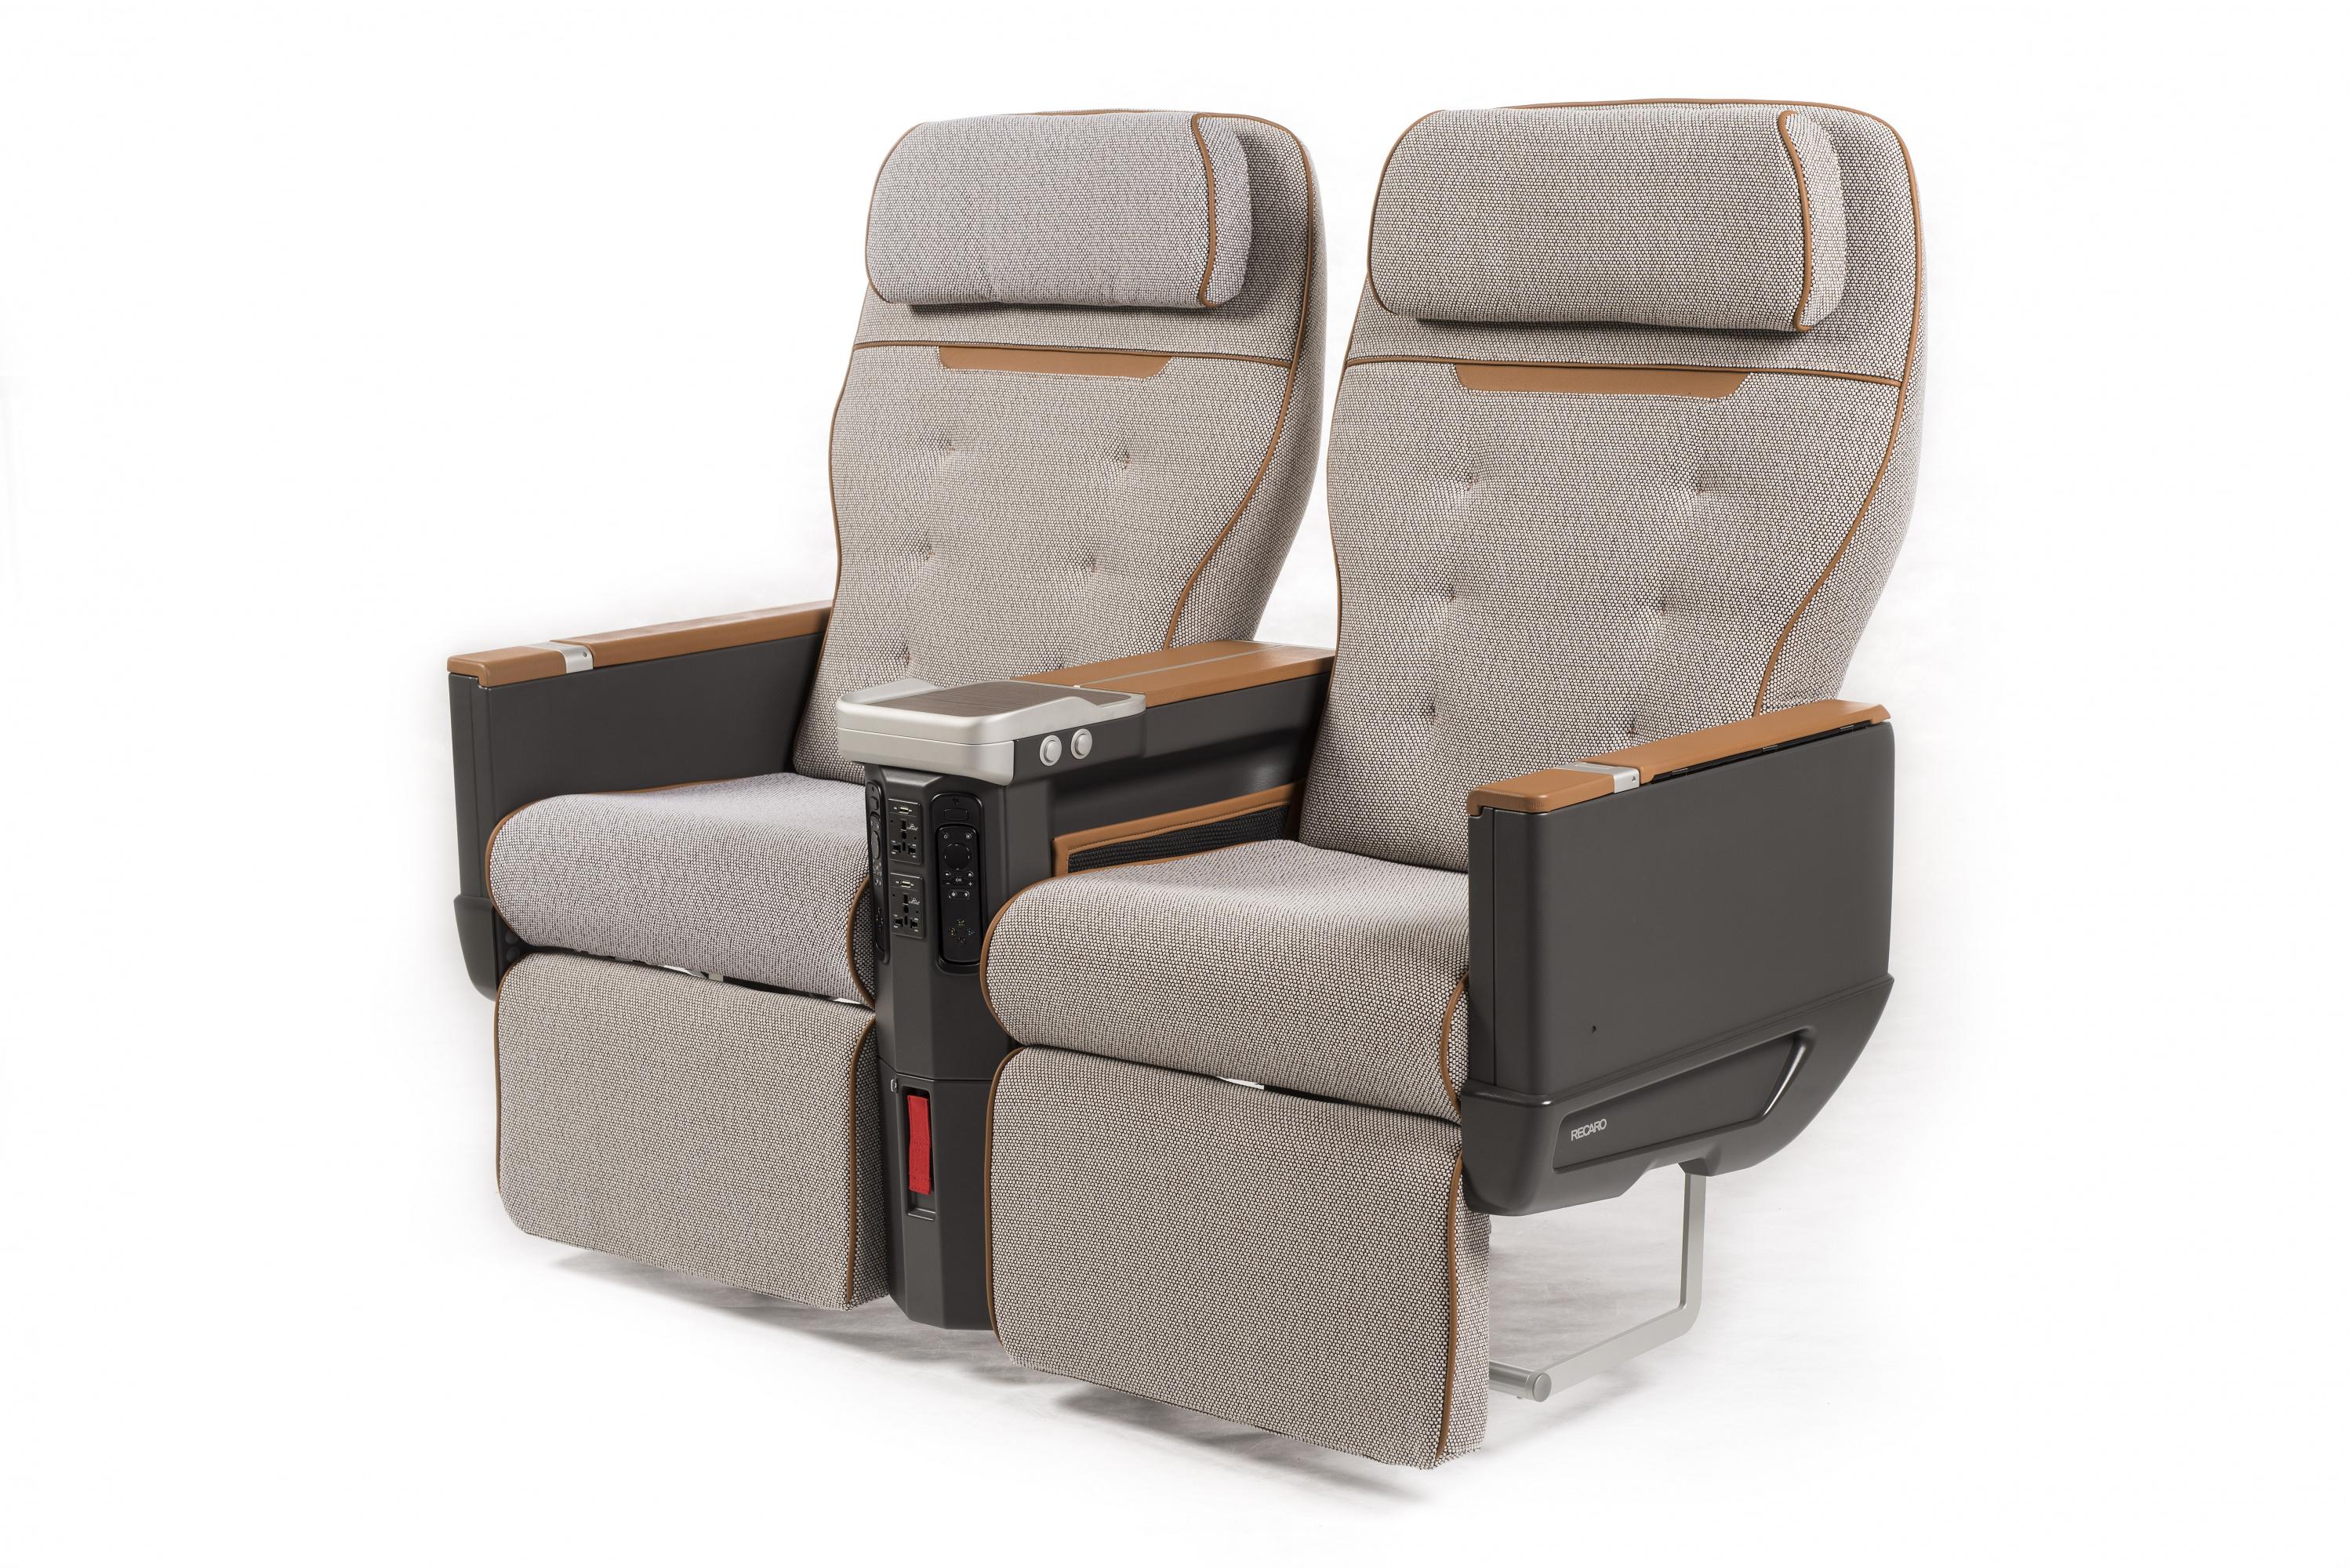 alaska airlines r stet flugzeuge mit bl3520 und cl4710 sitzen nach recaro aircraft seating. Black Bedroom Furniture Sets. Home Design Ideas